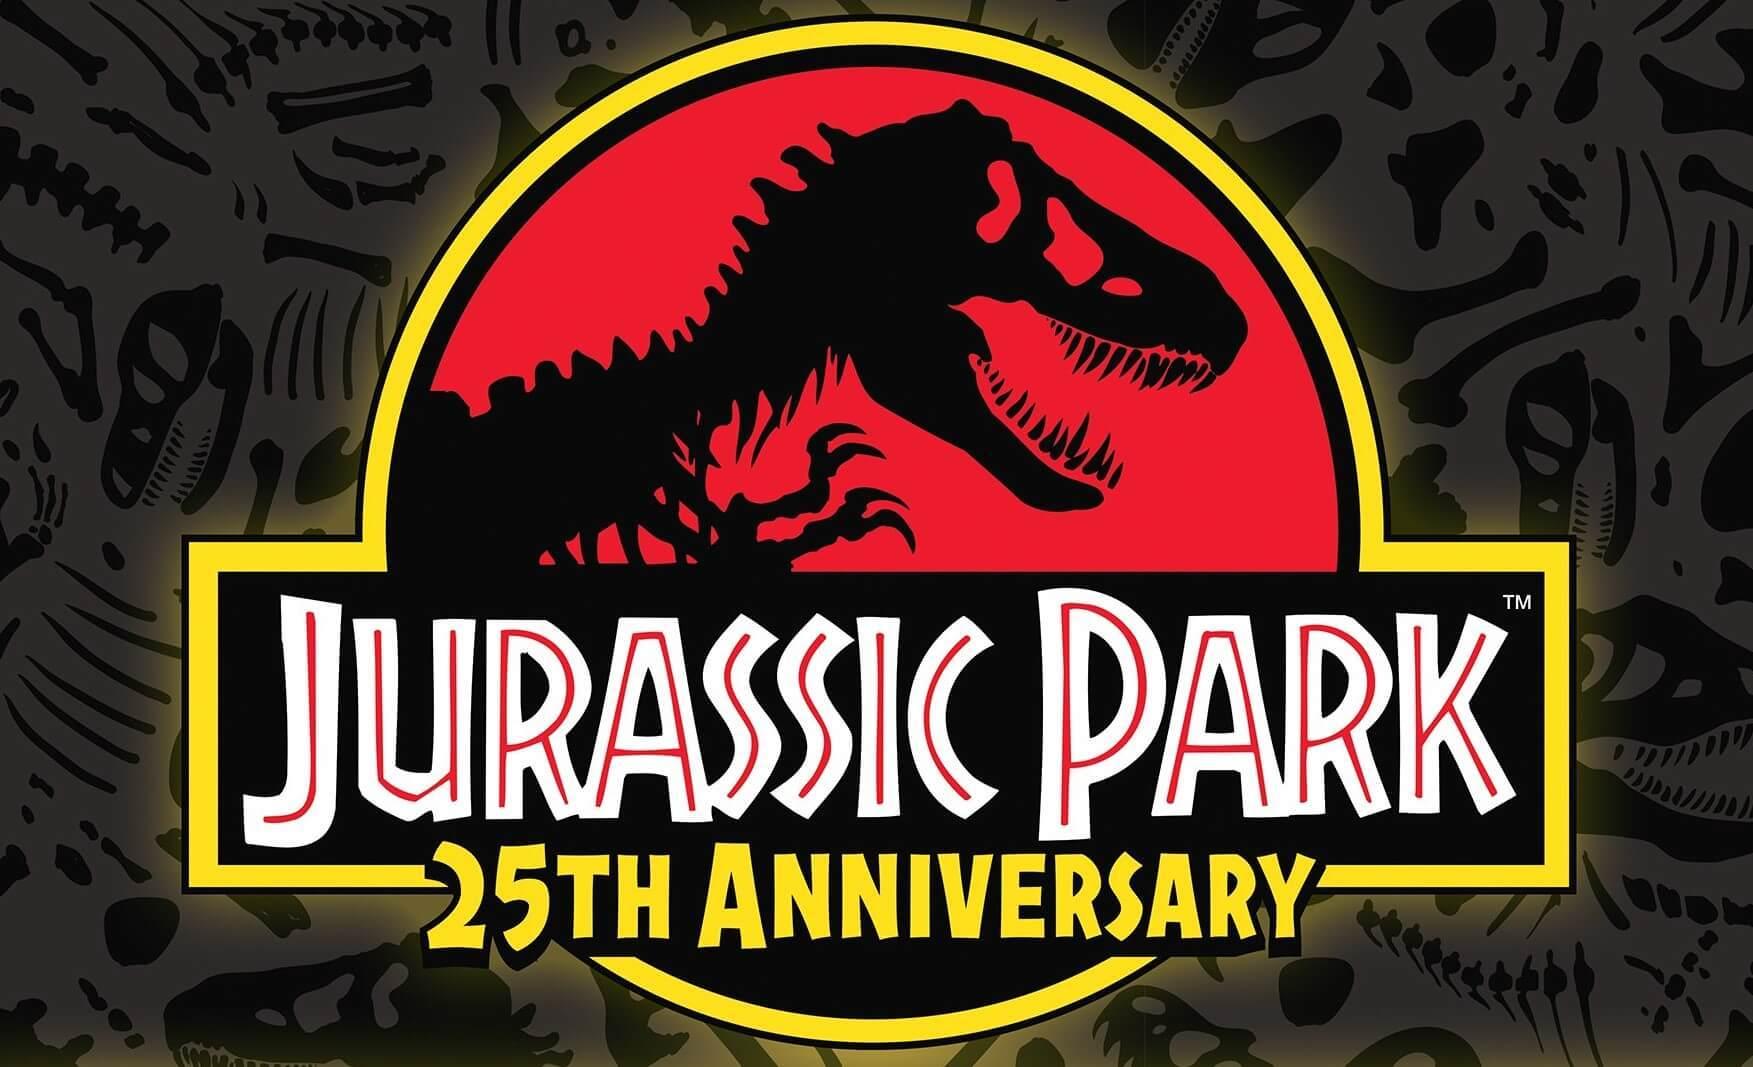 Fandango presents Jurassic Park Exclusive Outdoor Screening